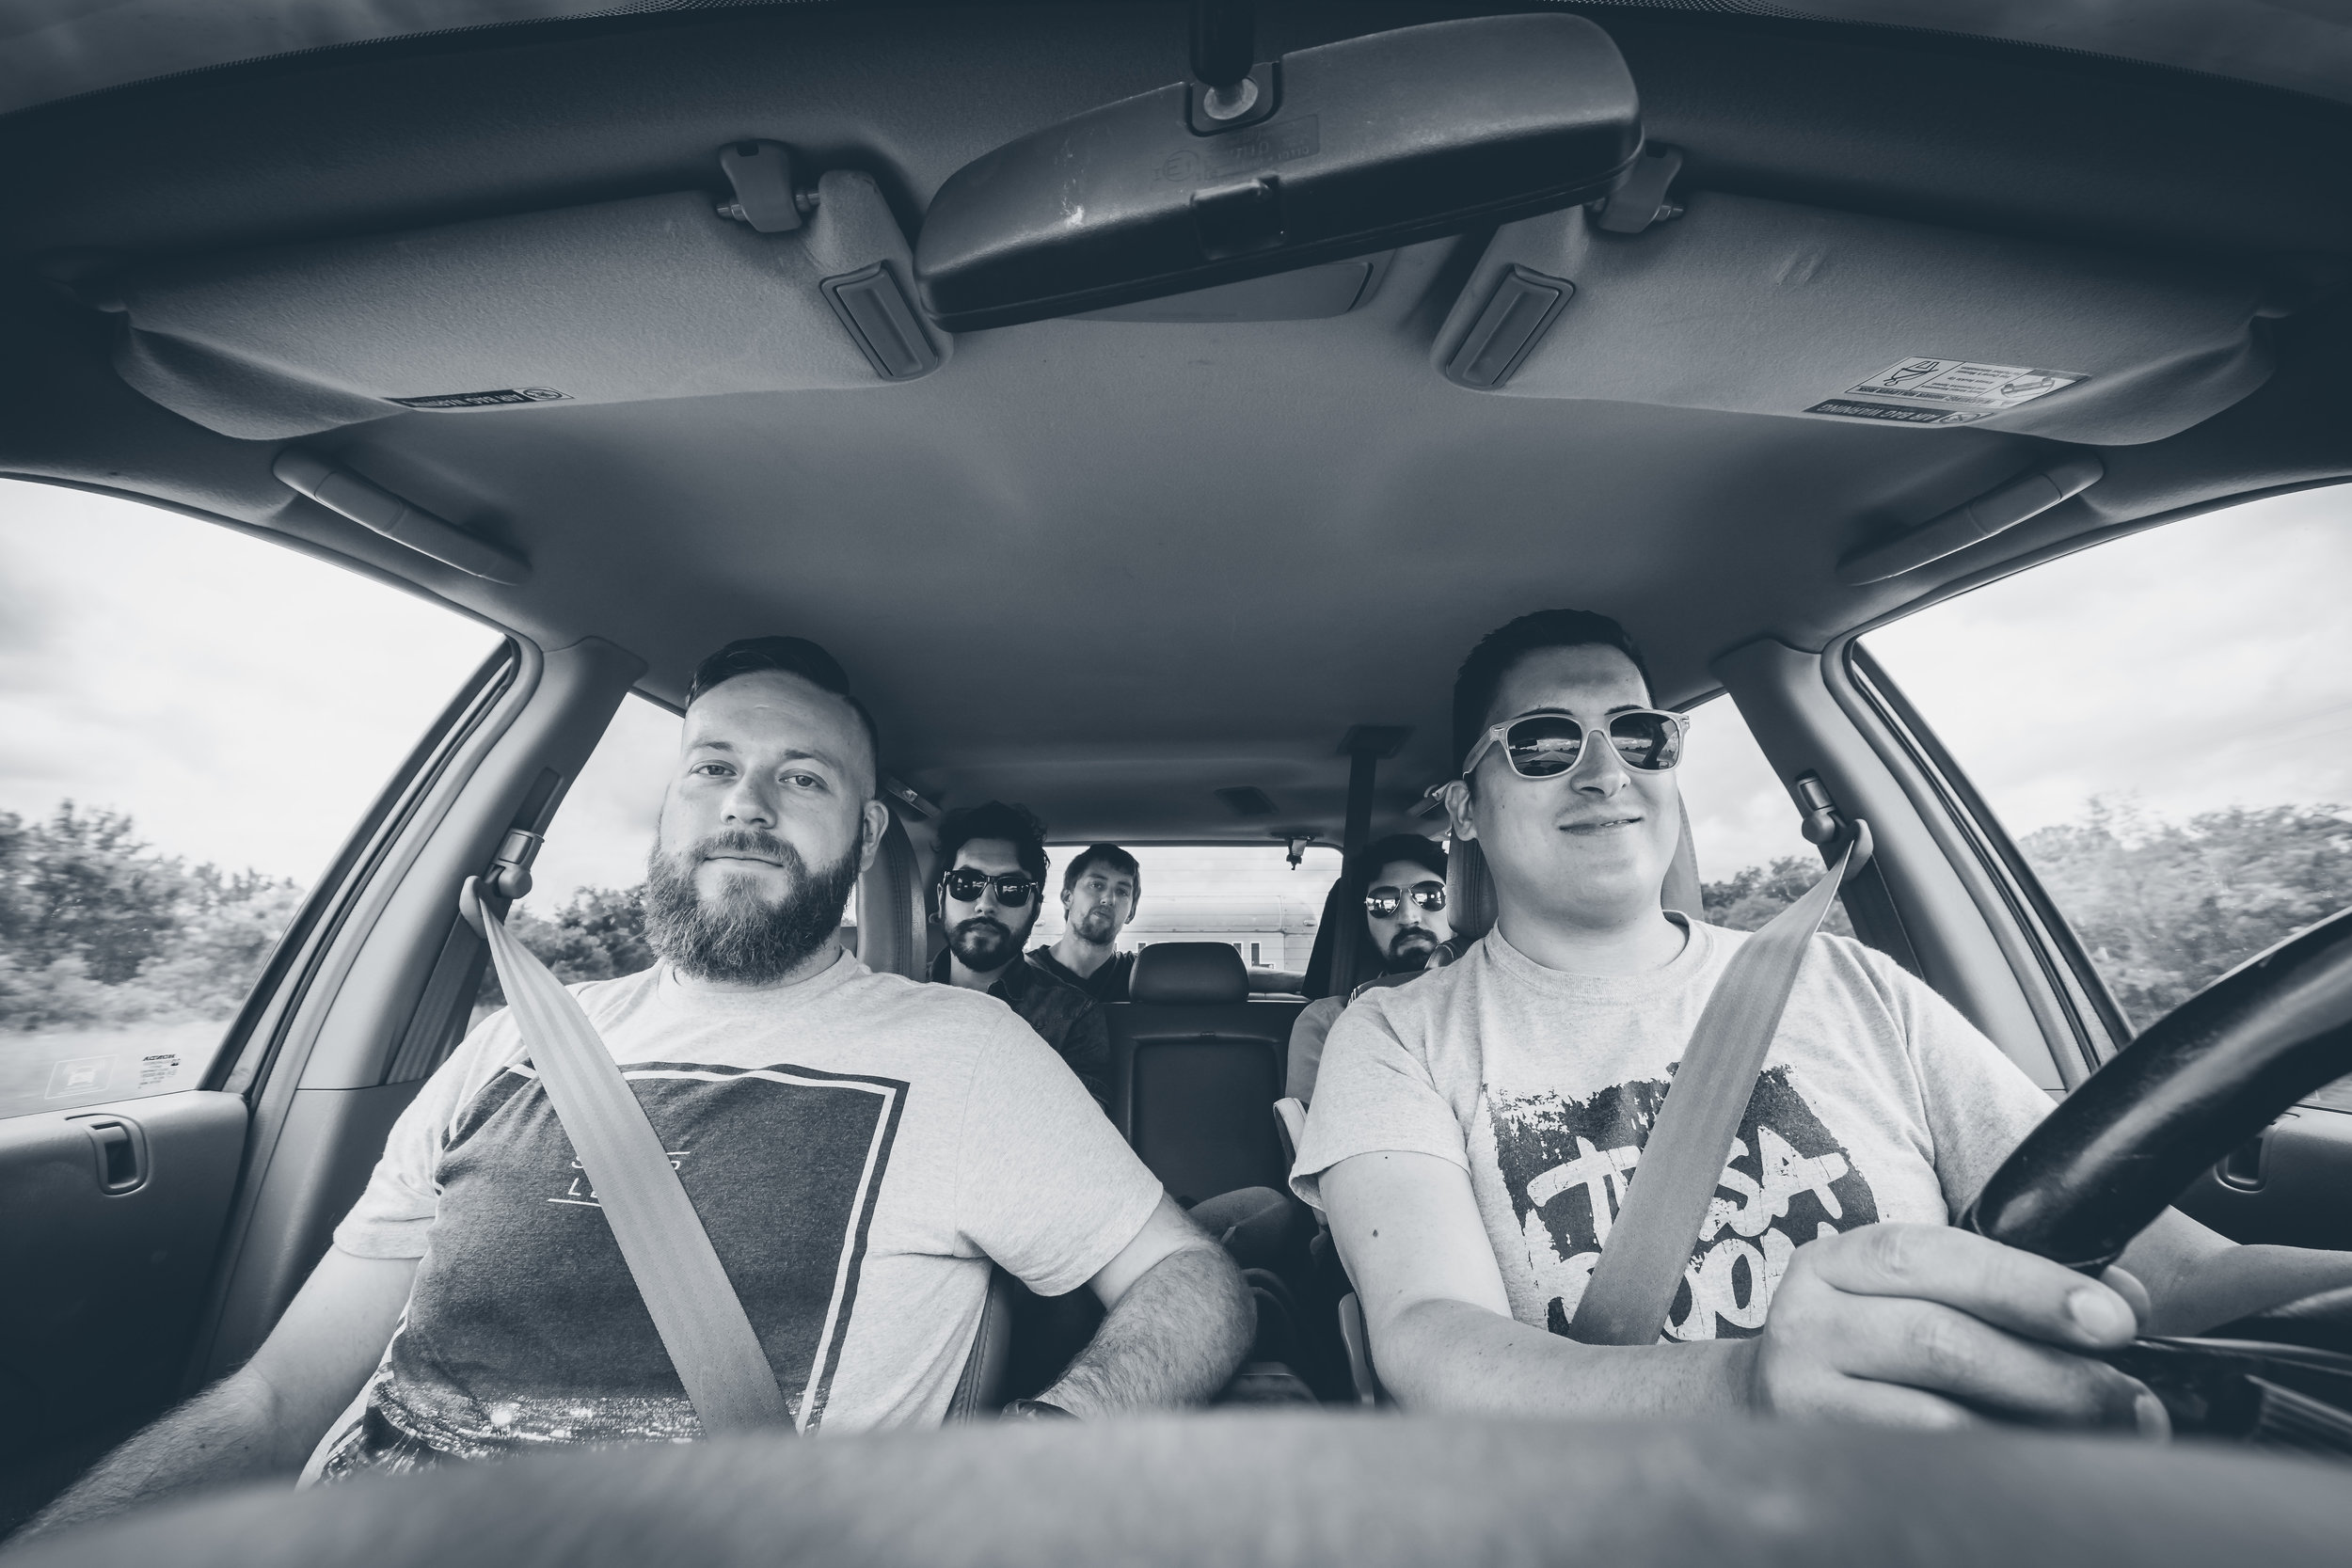 FM Pilots at TopCity Music Fest 2017 Topeka, KS-1.jpg